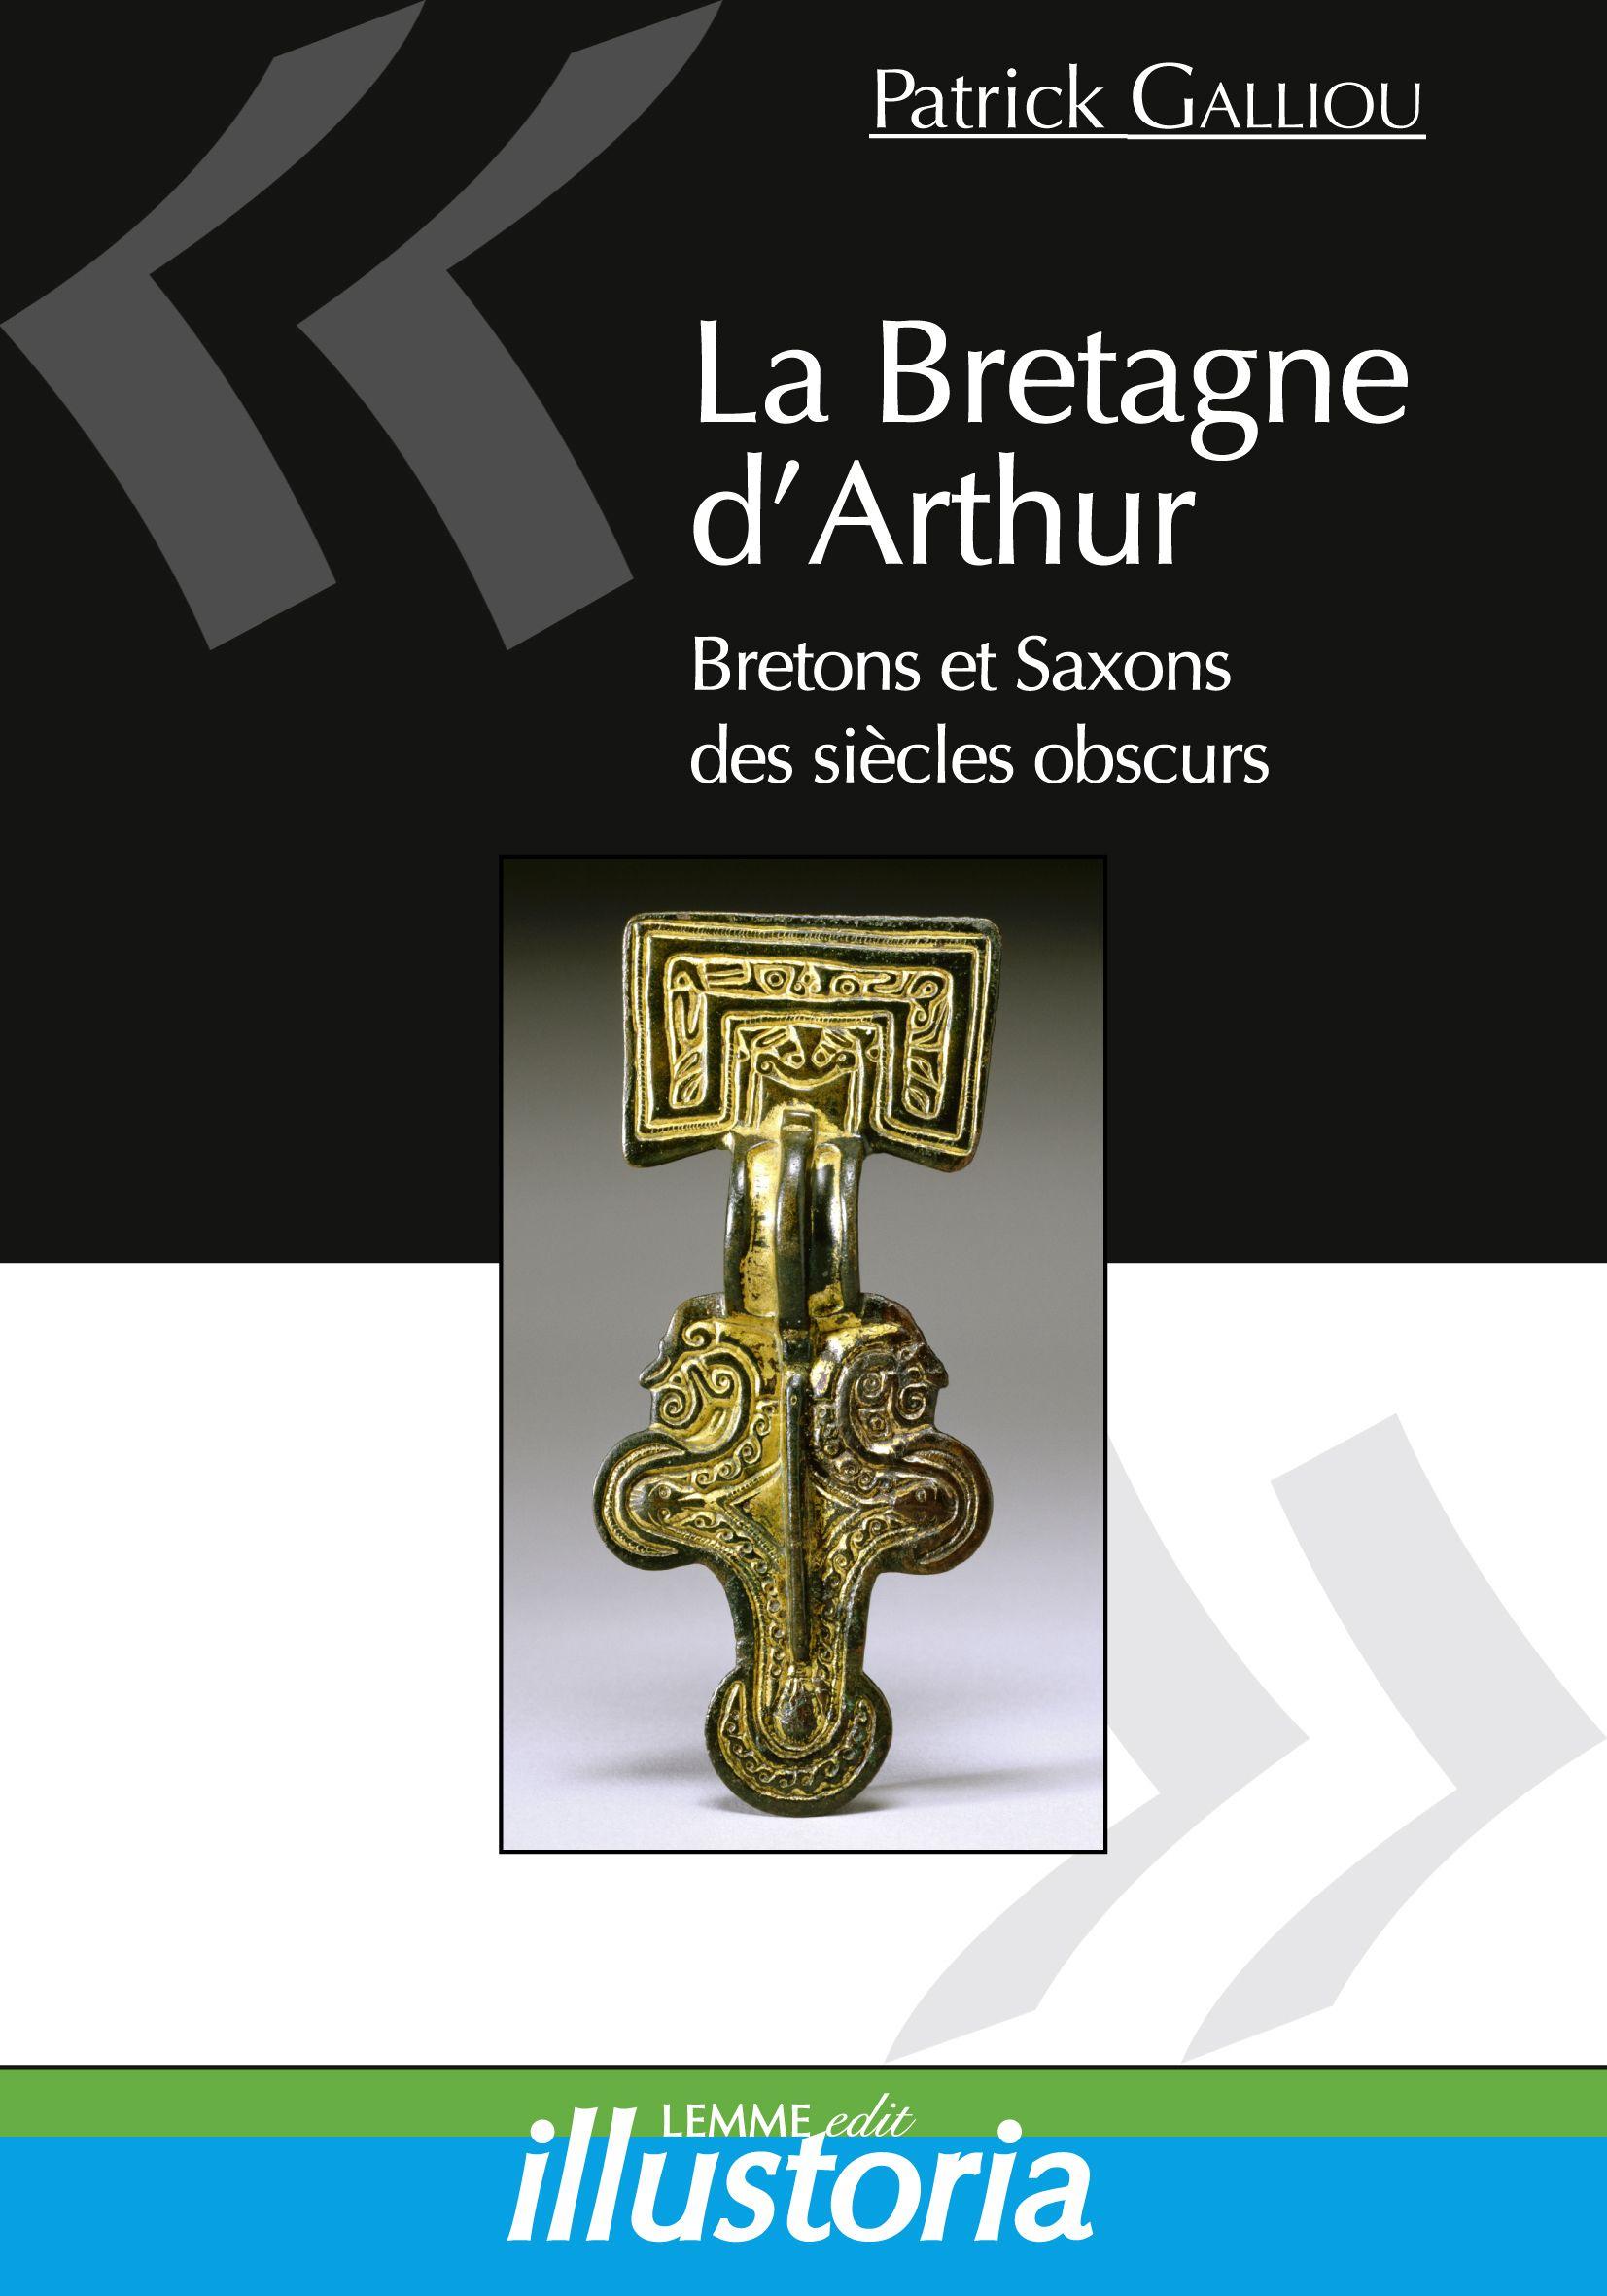 La Bretagne d'Arthur, Patrick Galliou, livre d'histoire du Moyen Âge, Bretagne insulaire, légende médiévale du roi Arthur, Saxons.